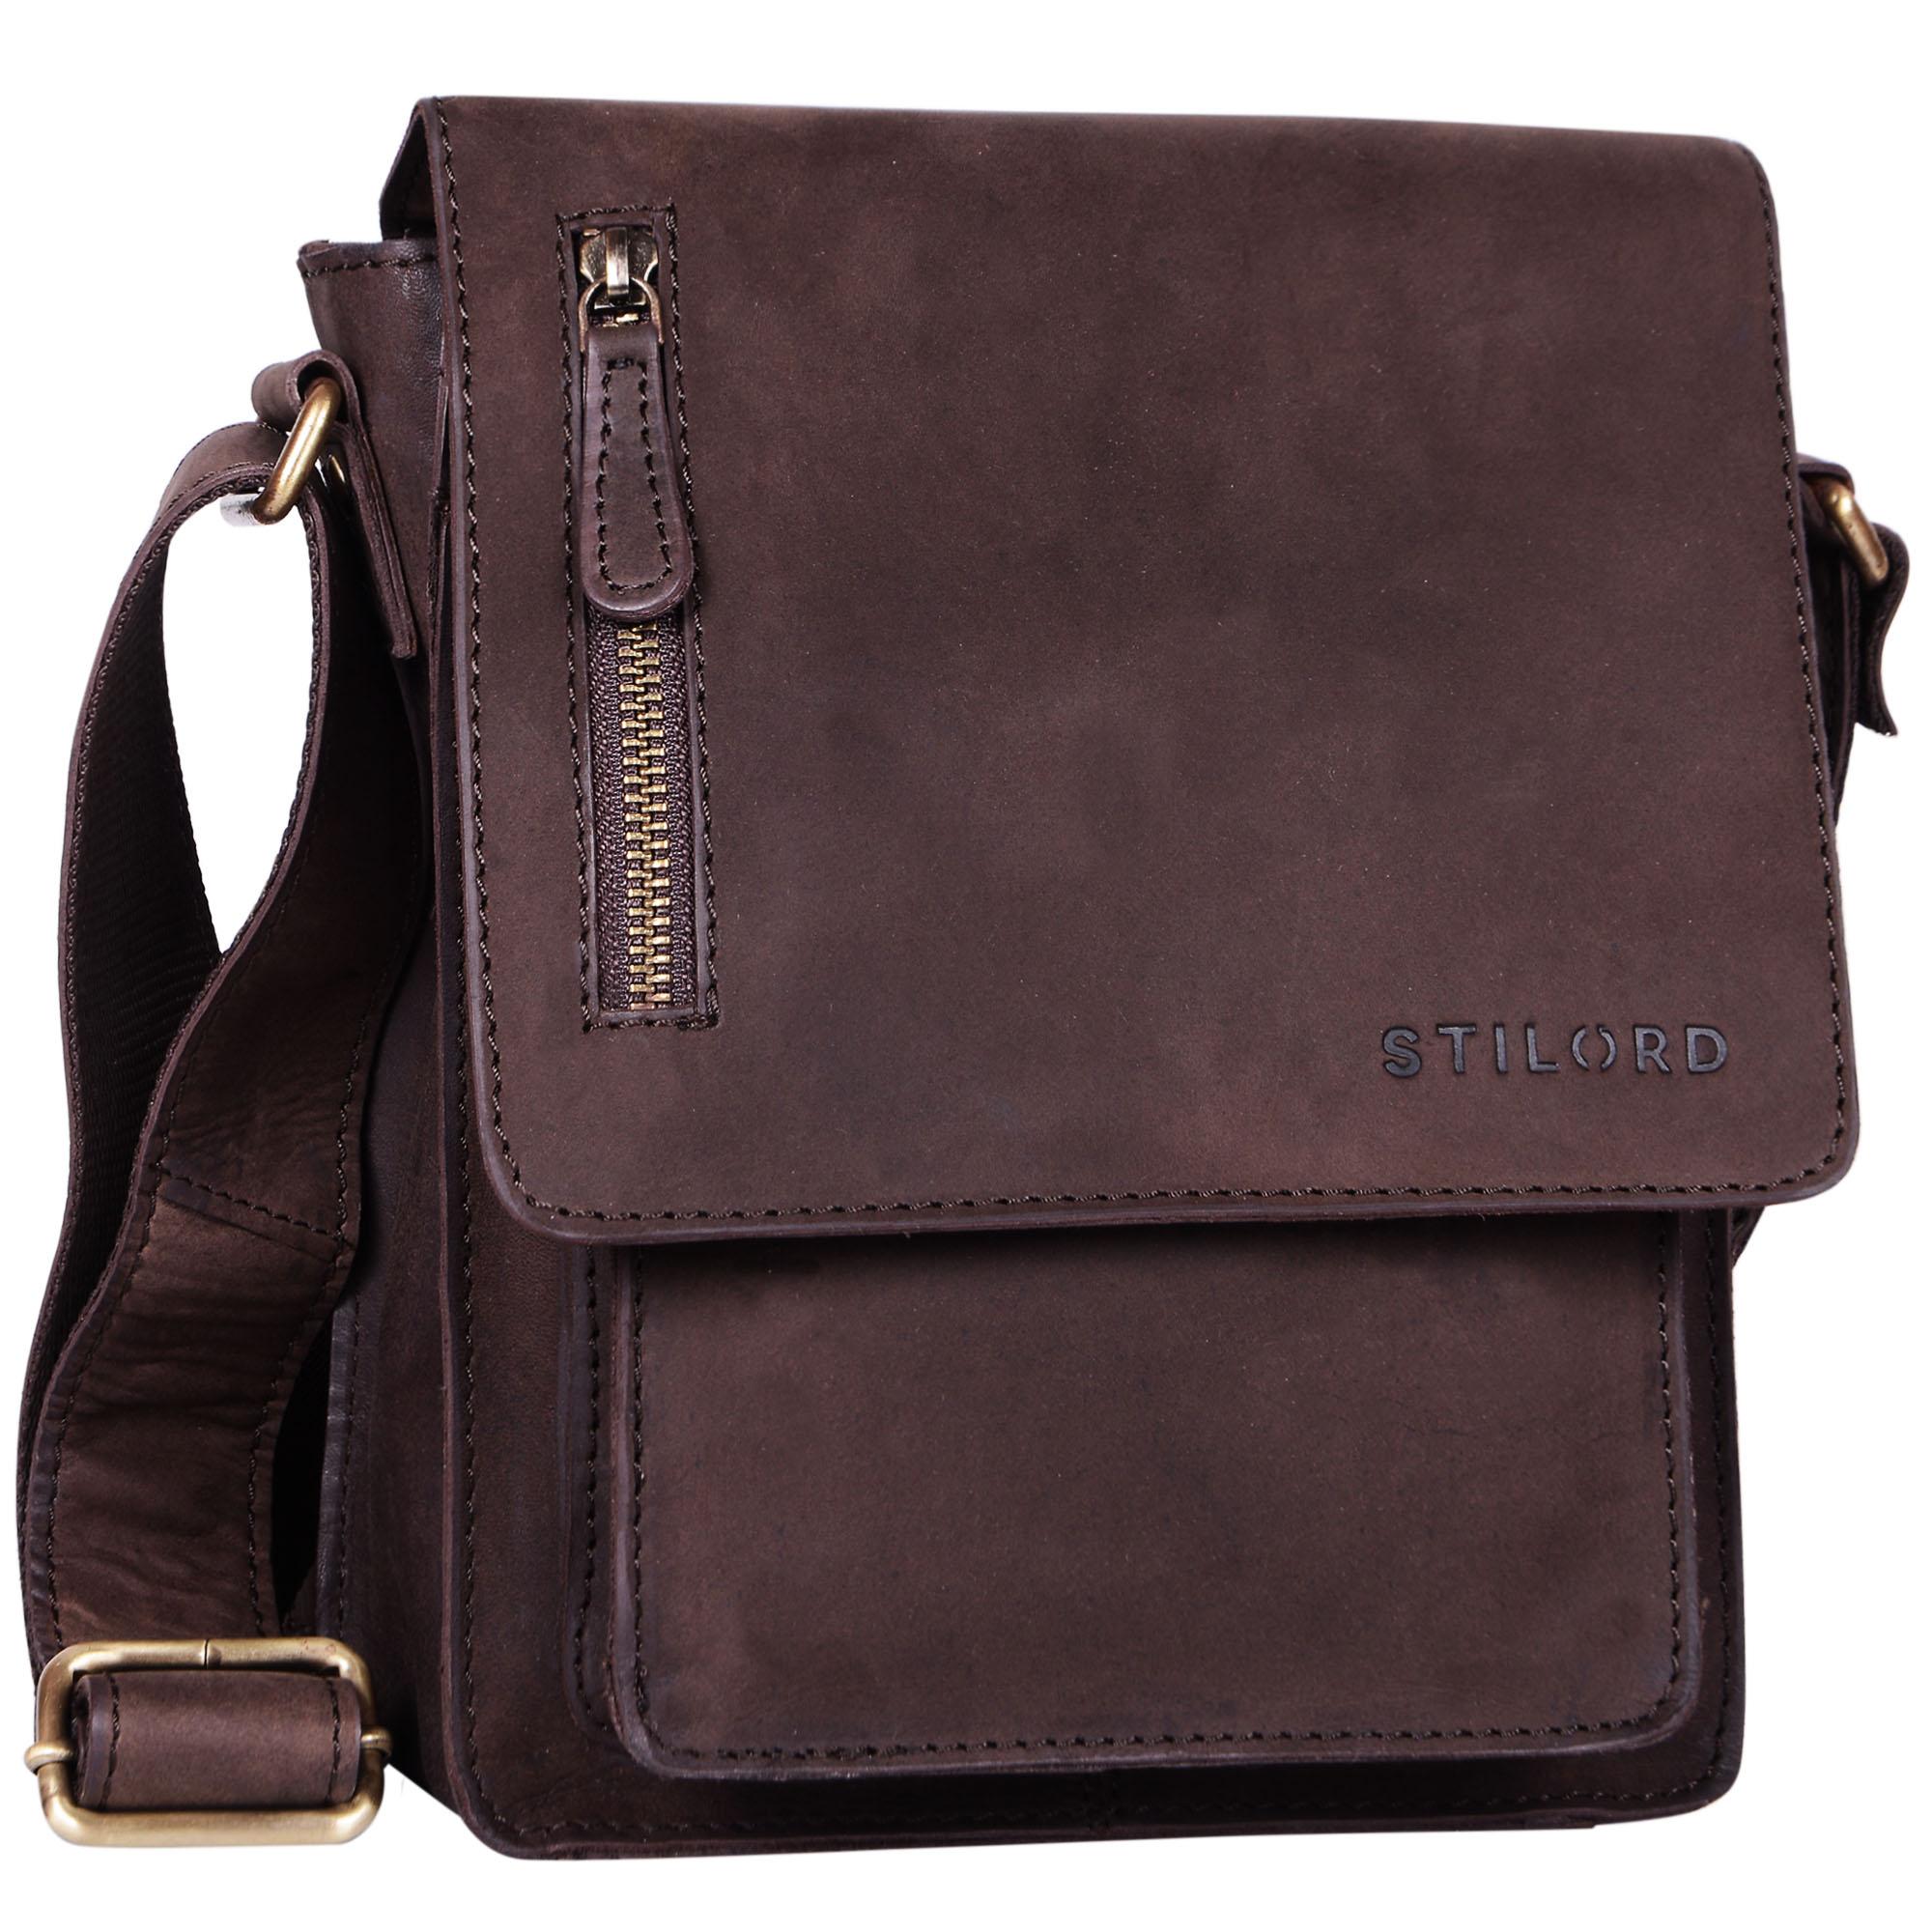 """STILORD """"Finn"""" kleine Umhängetasche Herren Schultertasche Vintage Messenger Bag 8,4 Zoll Tablettasche echtes Büffel-Leder  - Bild 13"""